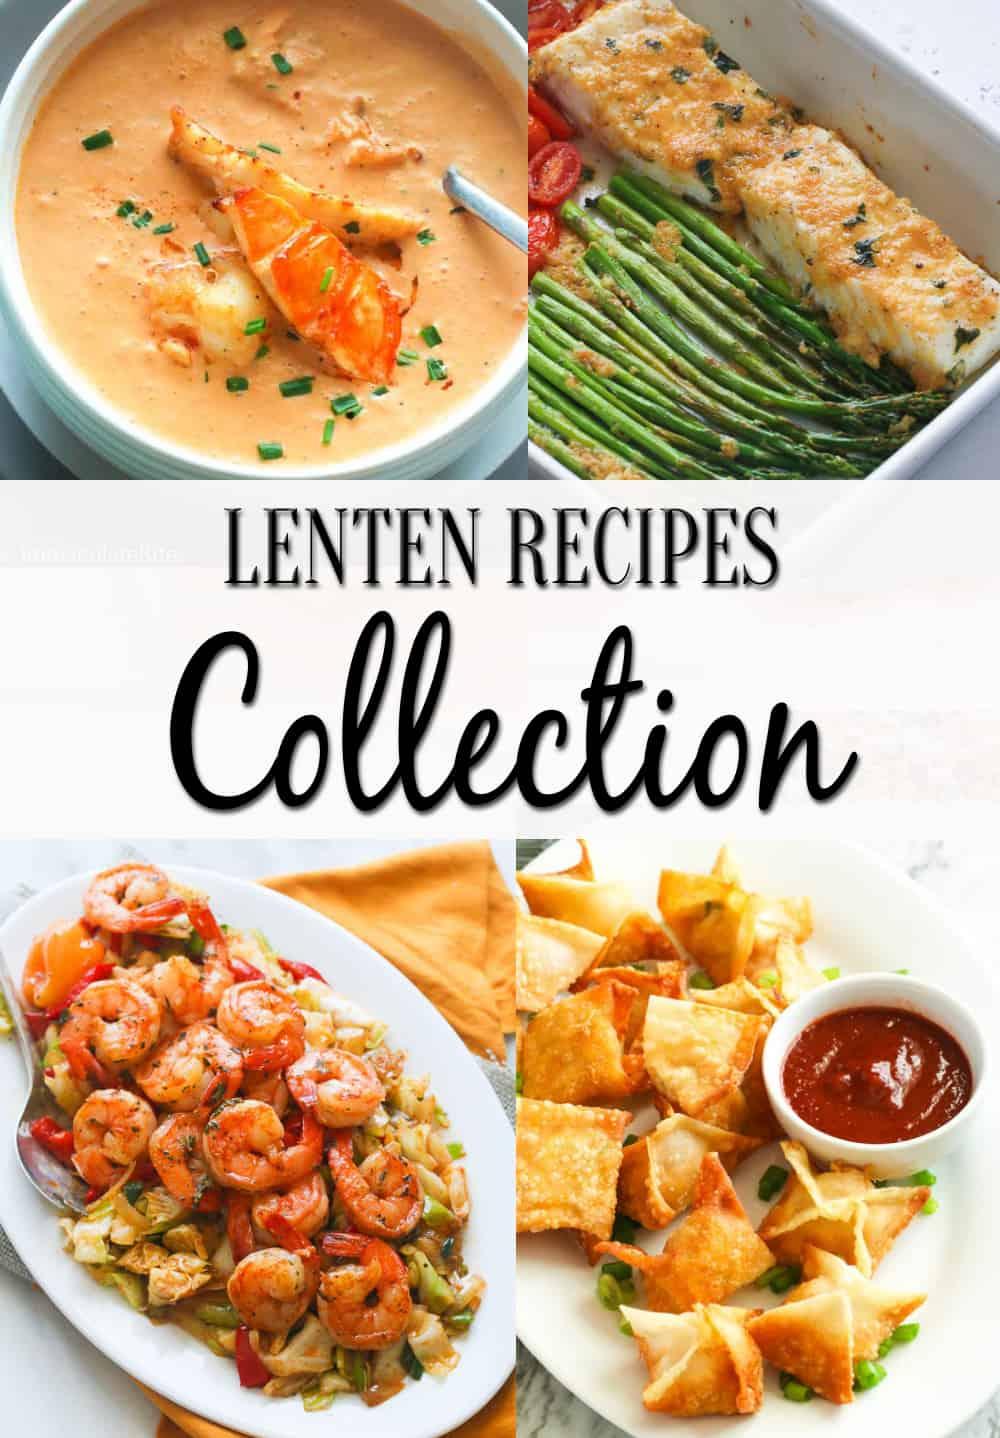 Lenten Recipes Collection